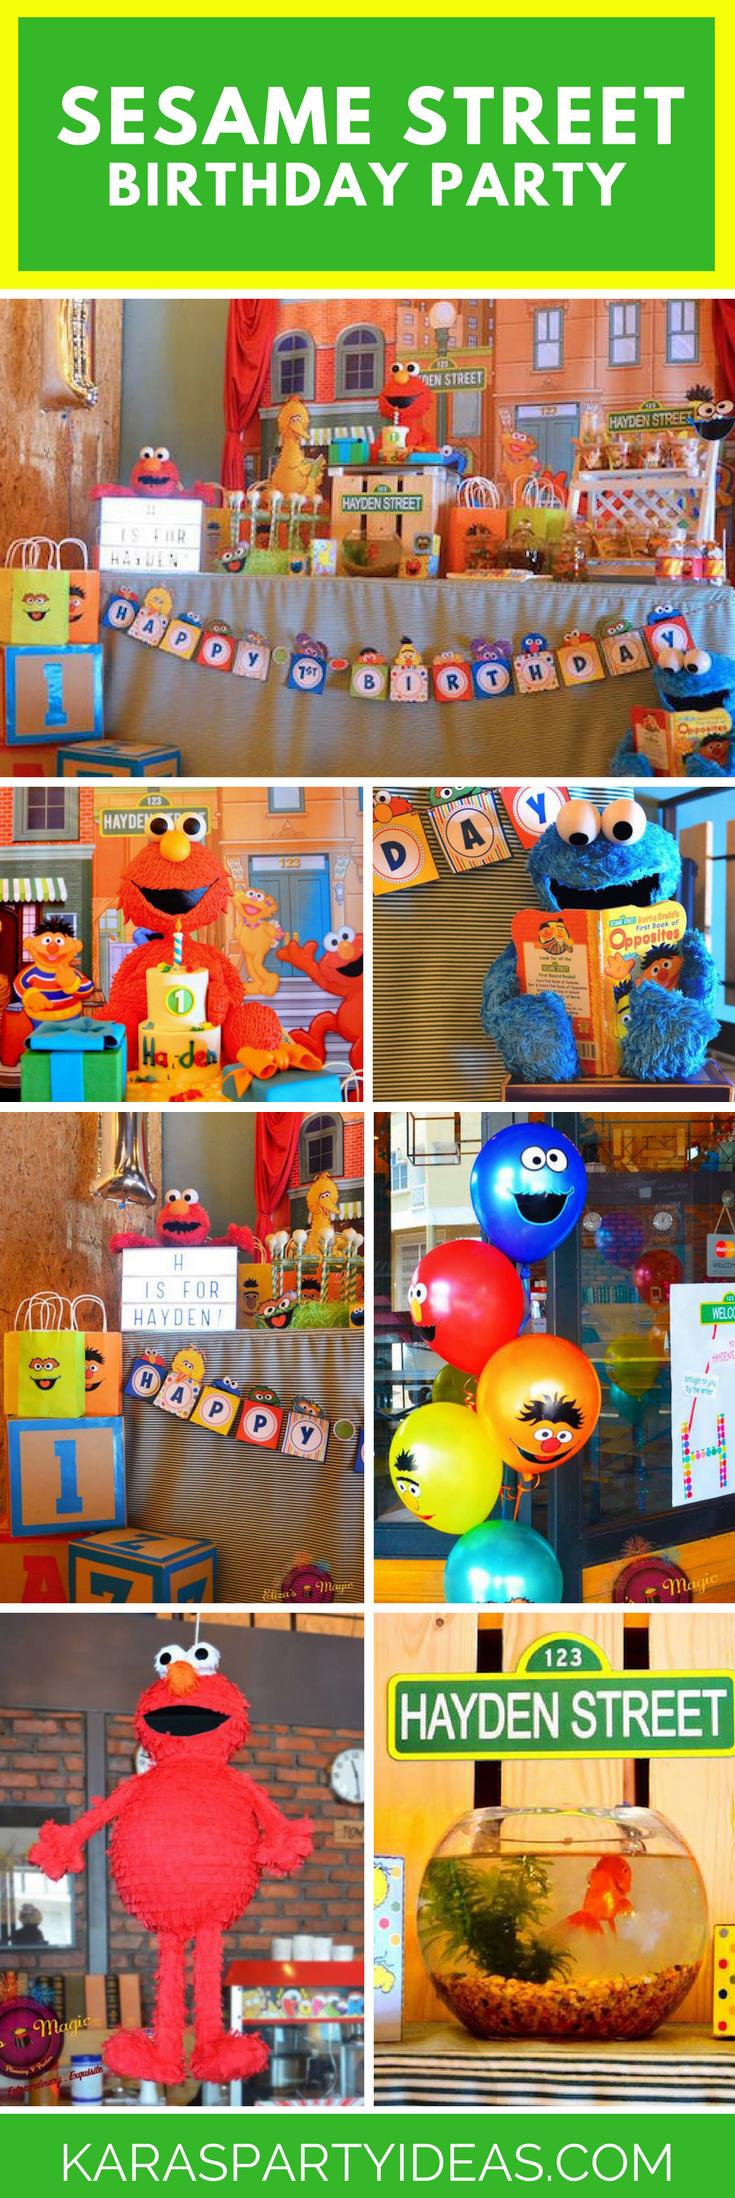 sesame street birthday party via Kara's Party Ideas